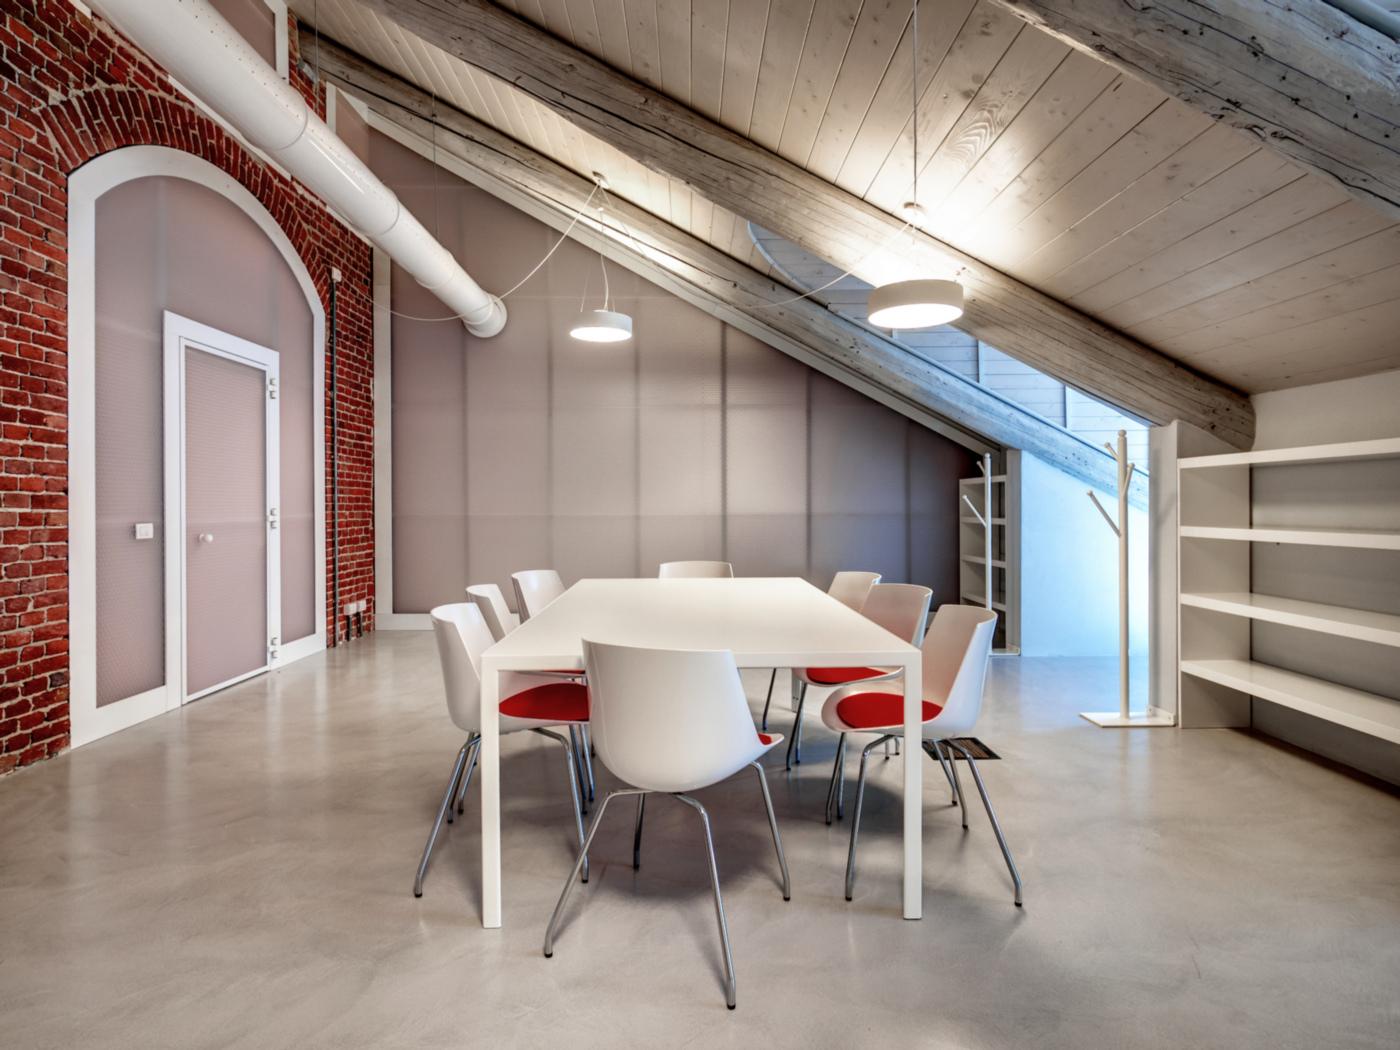 Restauro e trasformazione in uffici di un palazzo ottocentesco. Uffici nel sottotetto recuperato | Bottega di Architettura